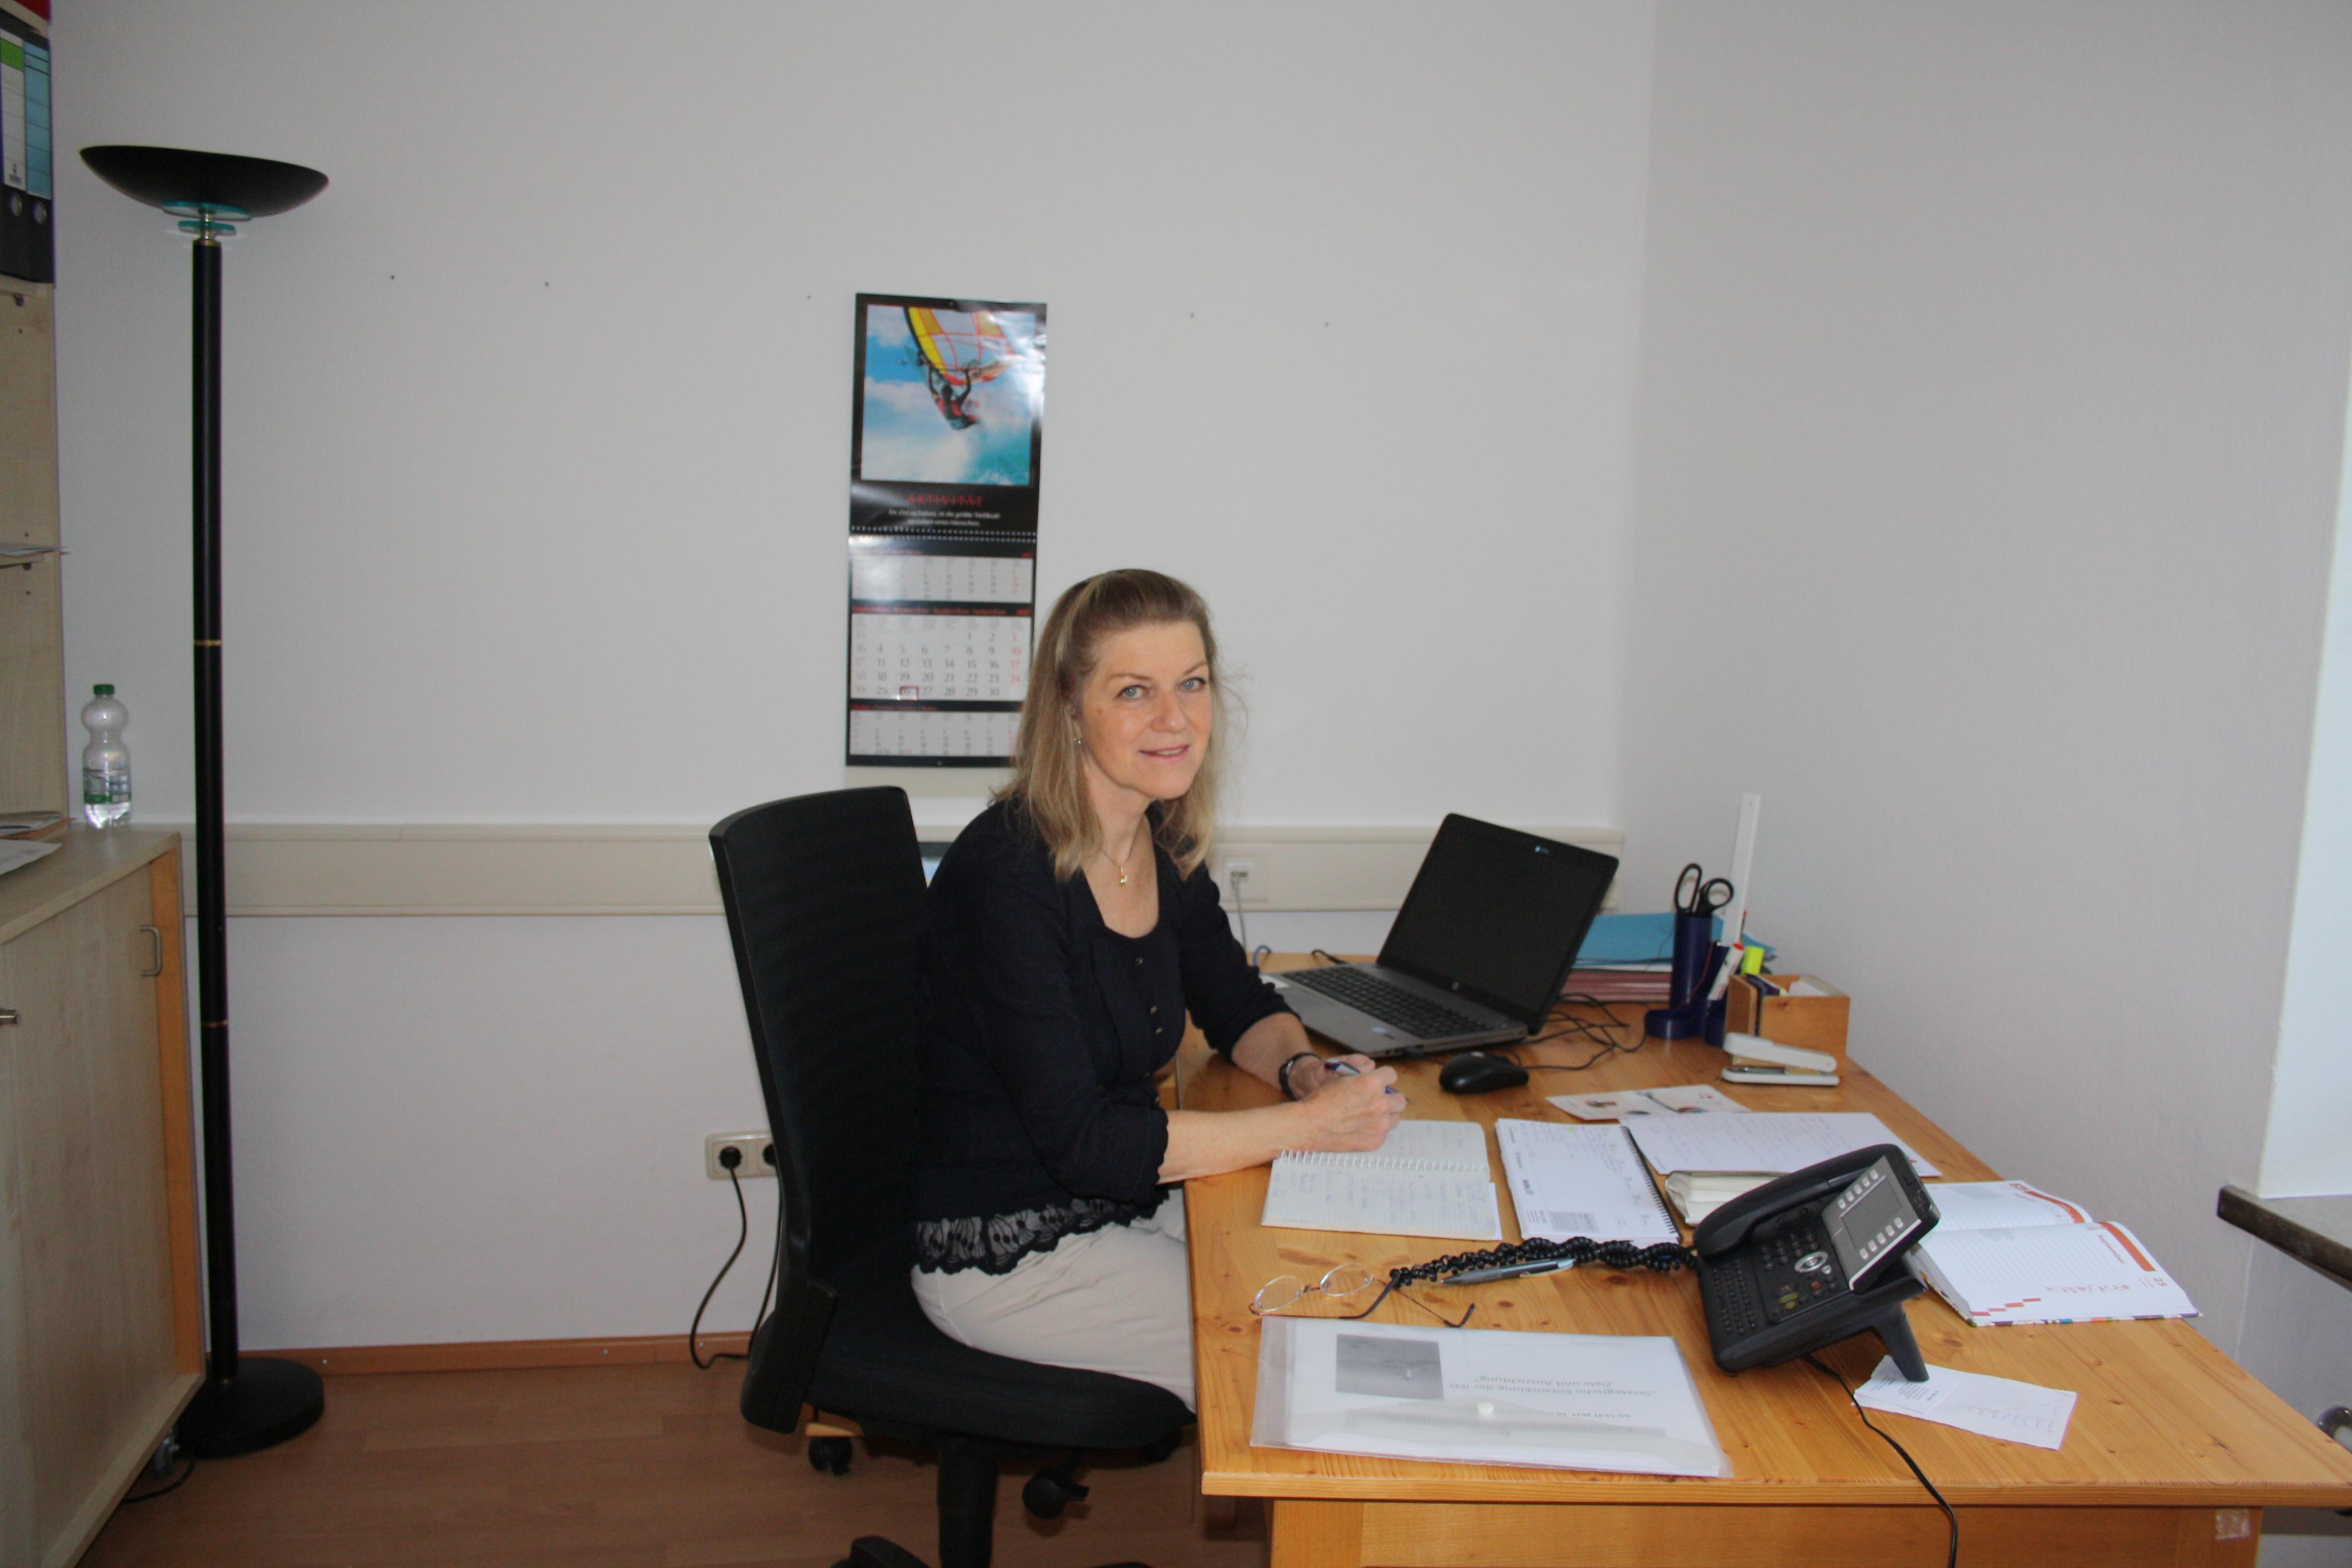 Dr. Sylvia Huber leitet den Integrationsfachdienst der Diakonie Augsburg seit dem 1. September 2017.